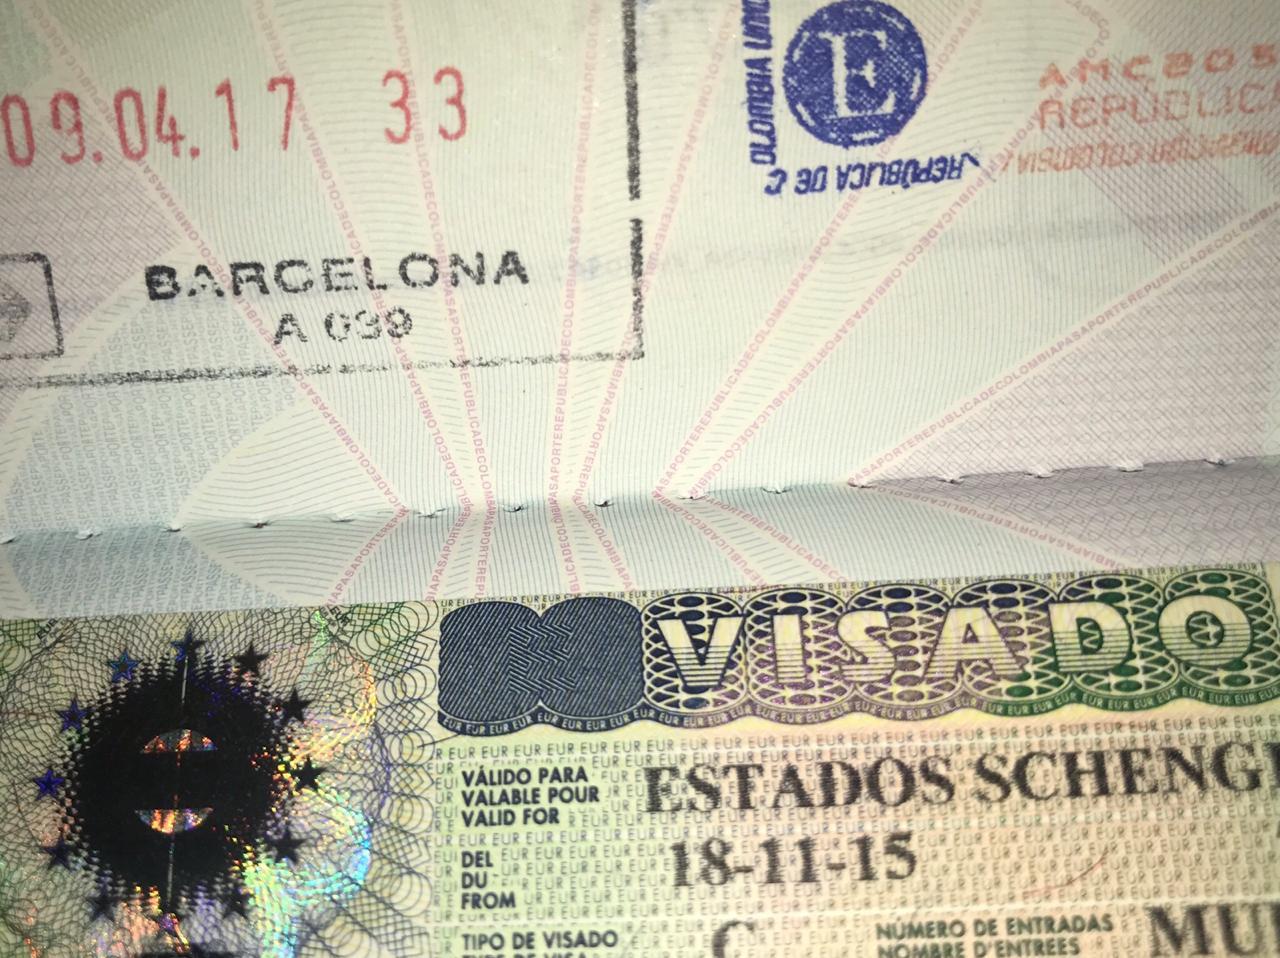 Поправки в законе от 20 мая 2020г. Статус пребывания иностранных граждан, туристов, студентов и резидентов.